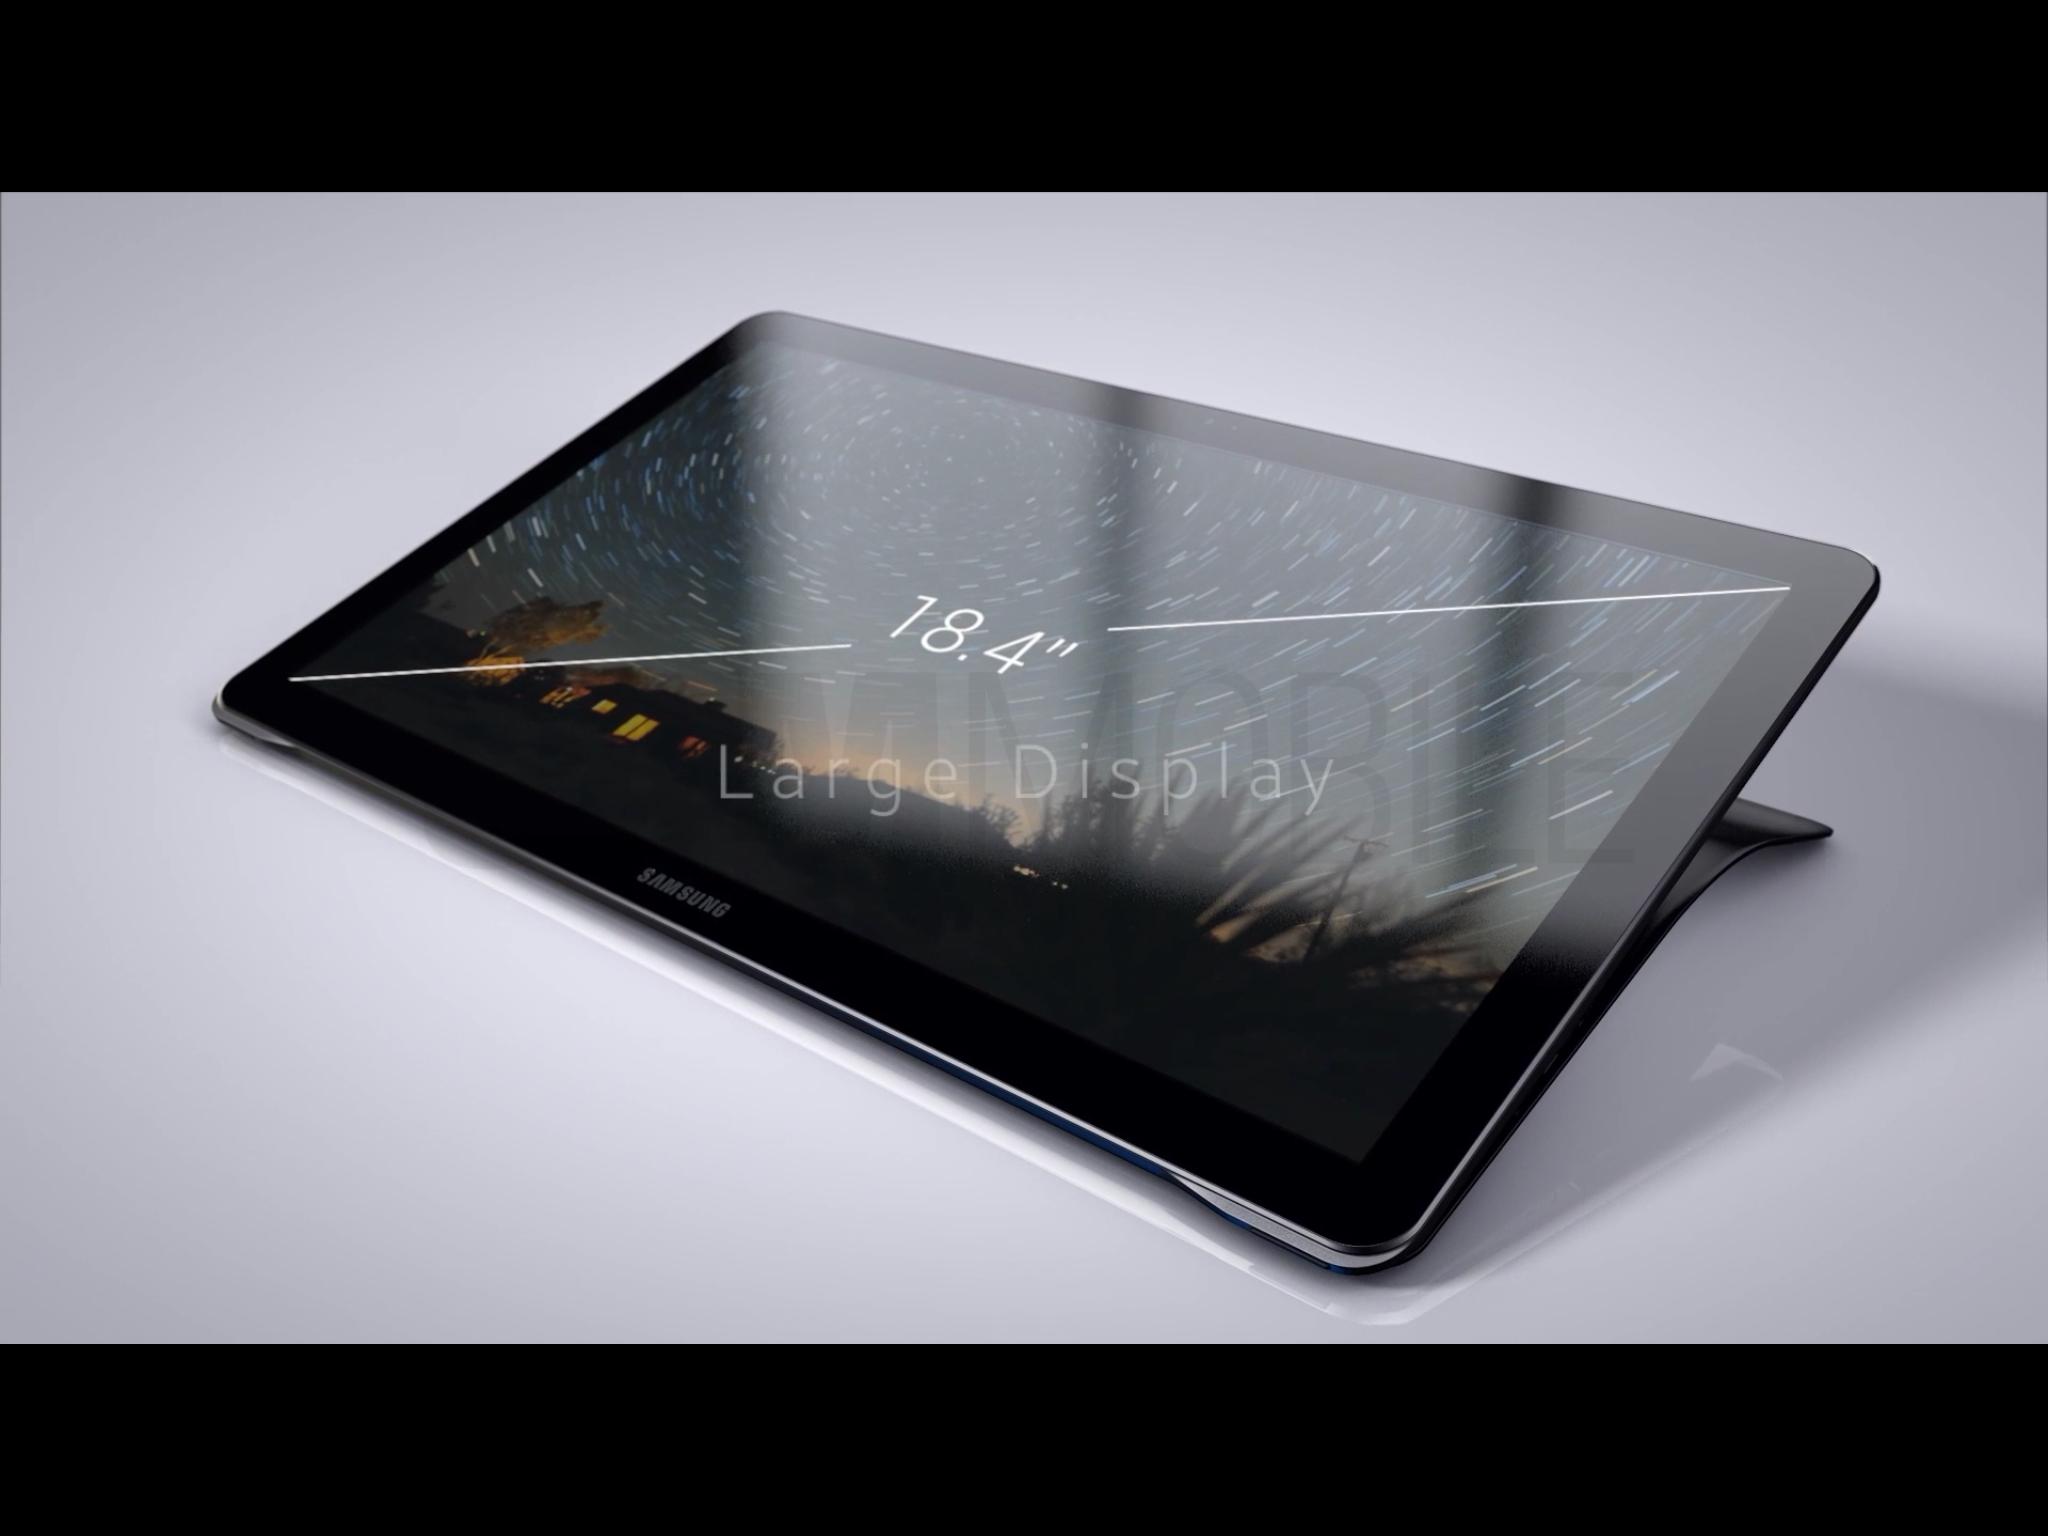 Samsung គ្រោងនឹងបញ្ចេញ Tablet 18.4 អ៊ីង នាពេលខាងមុខ